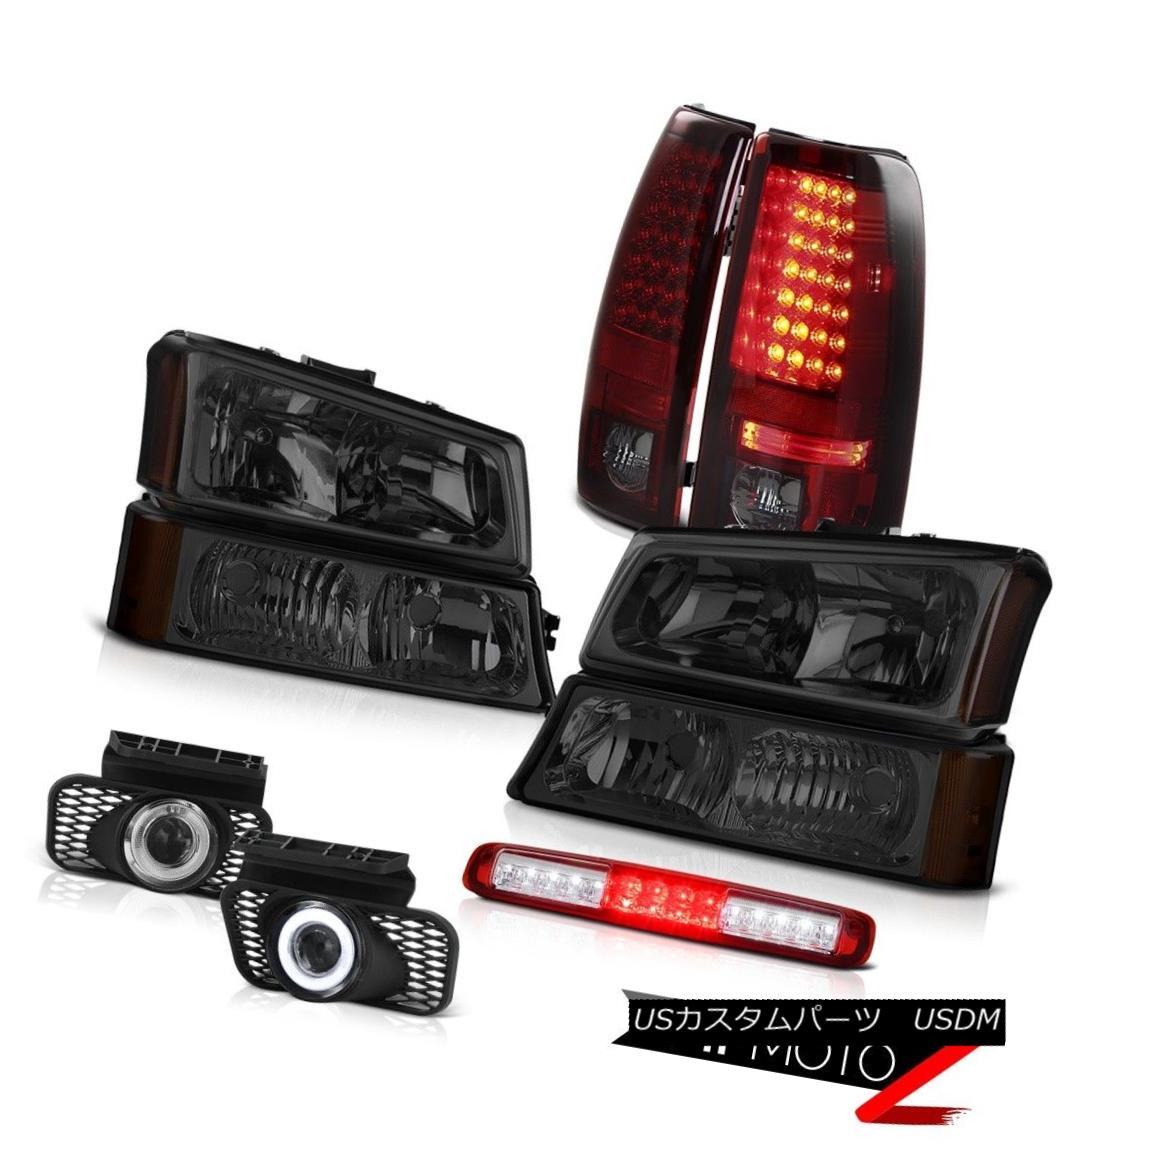 テールライト 03 04 05 06 Silverado Parking Lamp 3RD Brake Headlamps Foglights Rear Lights 03 04 05 06 Silveradoパーキングランプ3RDブレーキヘッドランプフォグライトリアライト